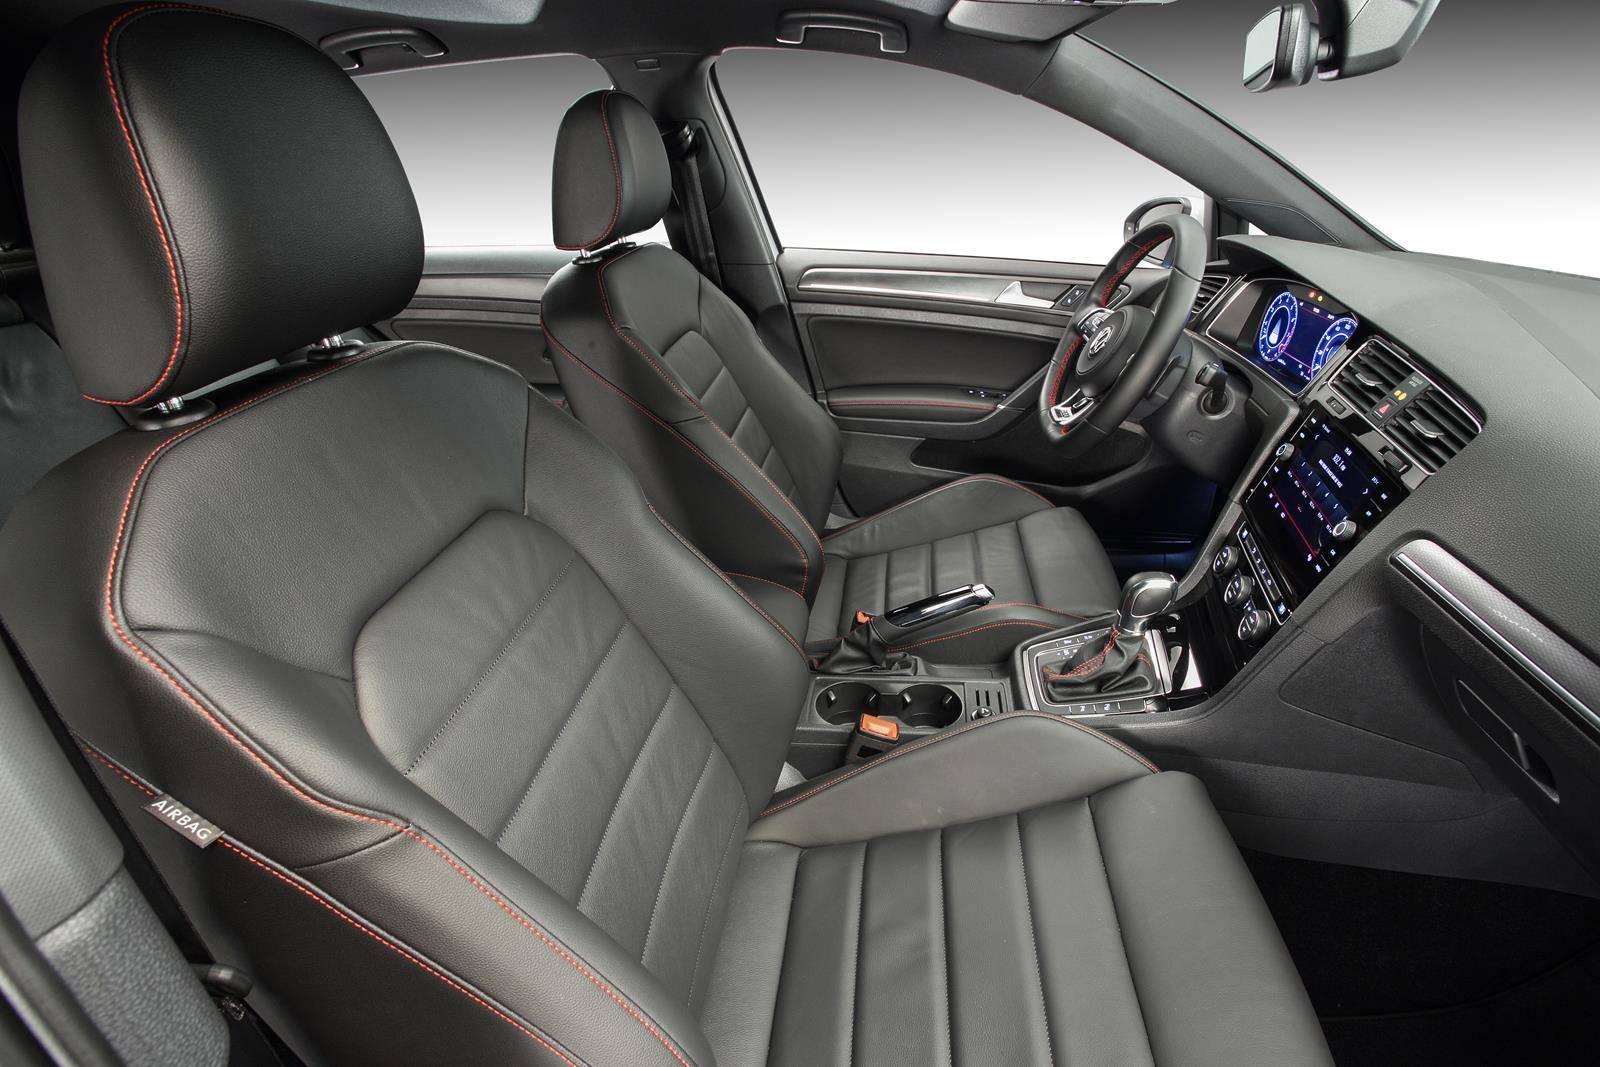 VW Golf GTI. Foto: Divulgação